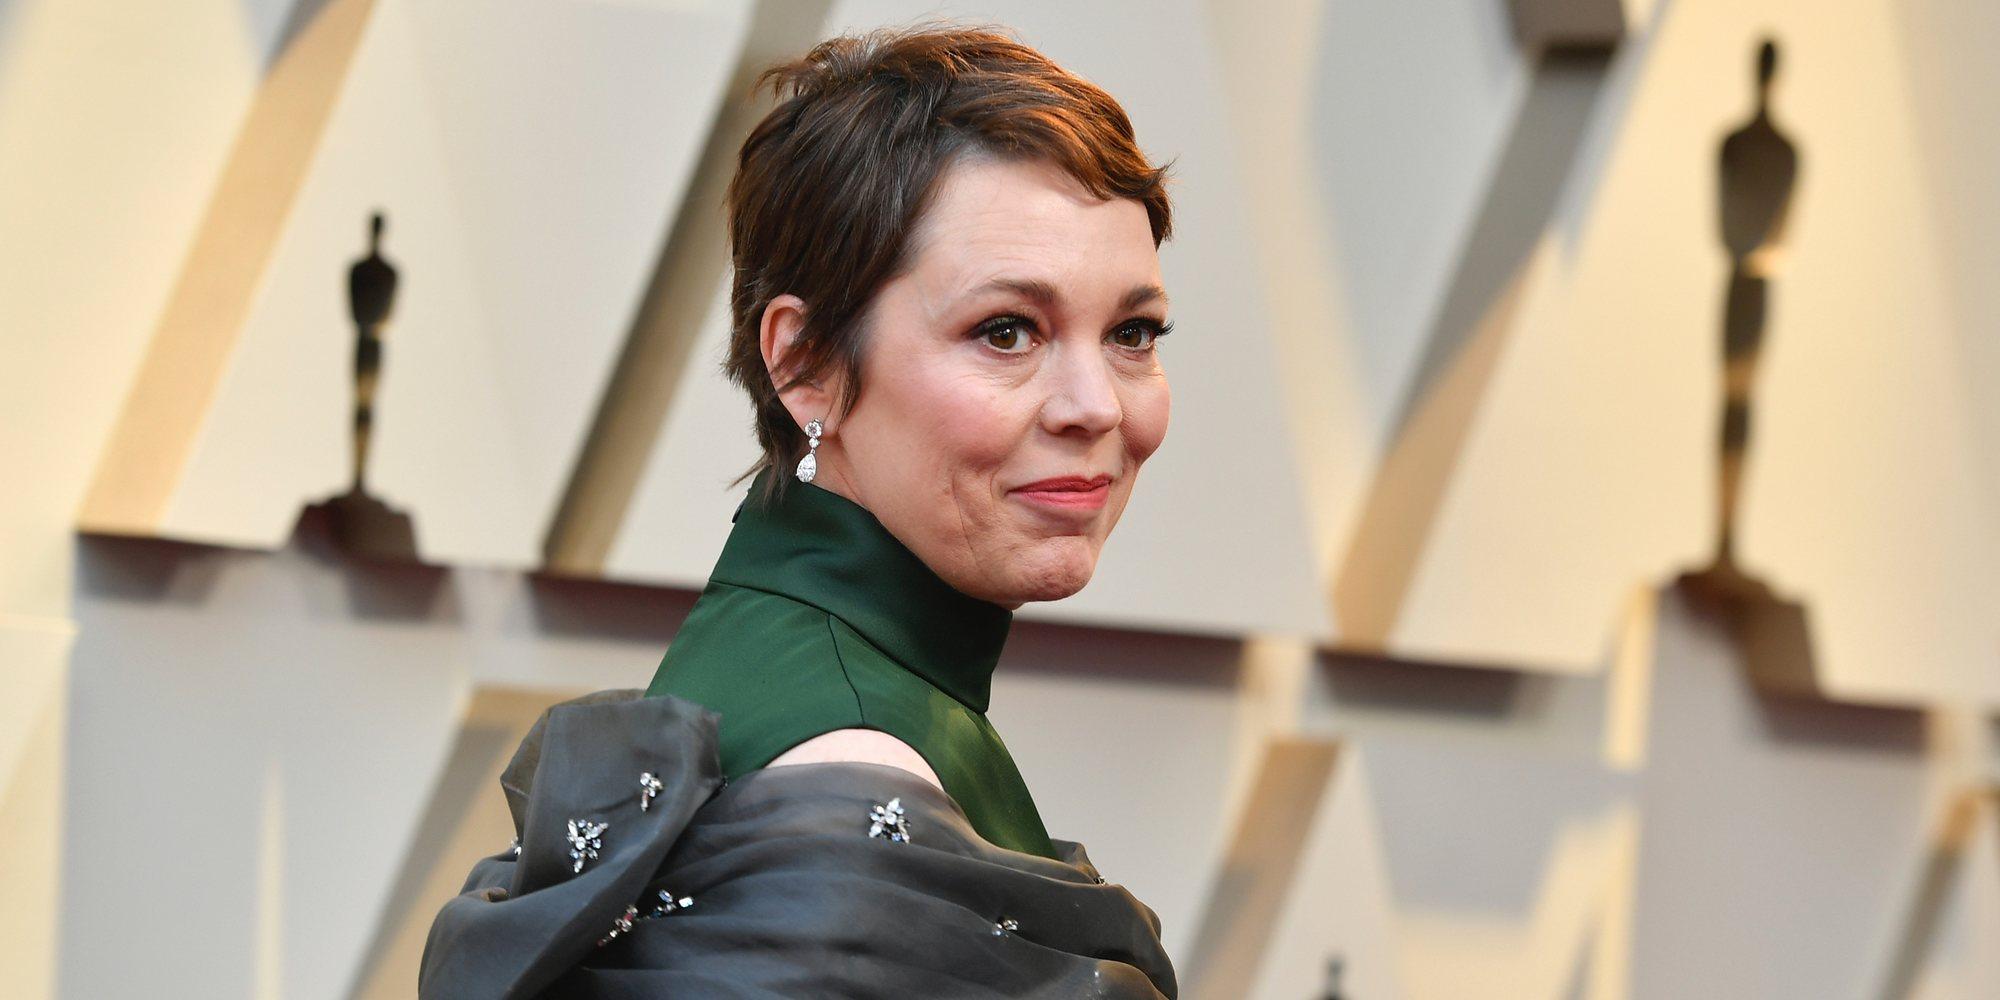 Olivia Colman se convierte en la Mejor actriz de los Oscar 2019 por 'La favorita'